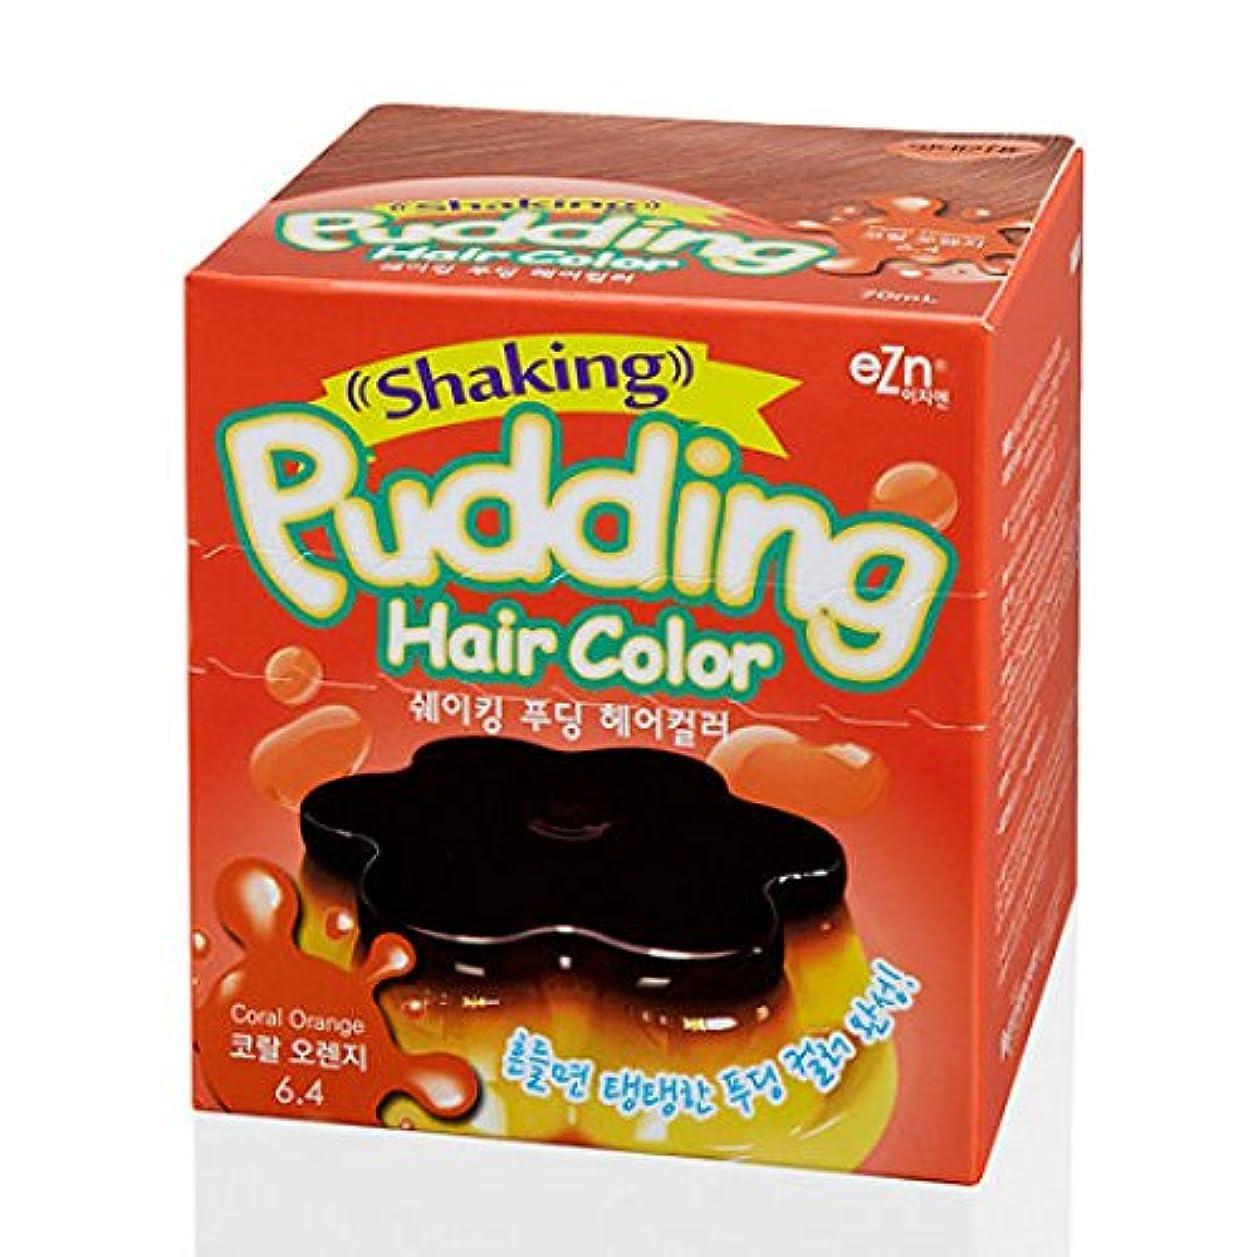 形状安心群れKOREA NO.1 毛染め(hair dyeing) shaking pudding hair color (coral orange) [並行輸入品]